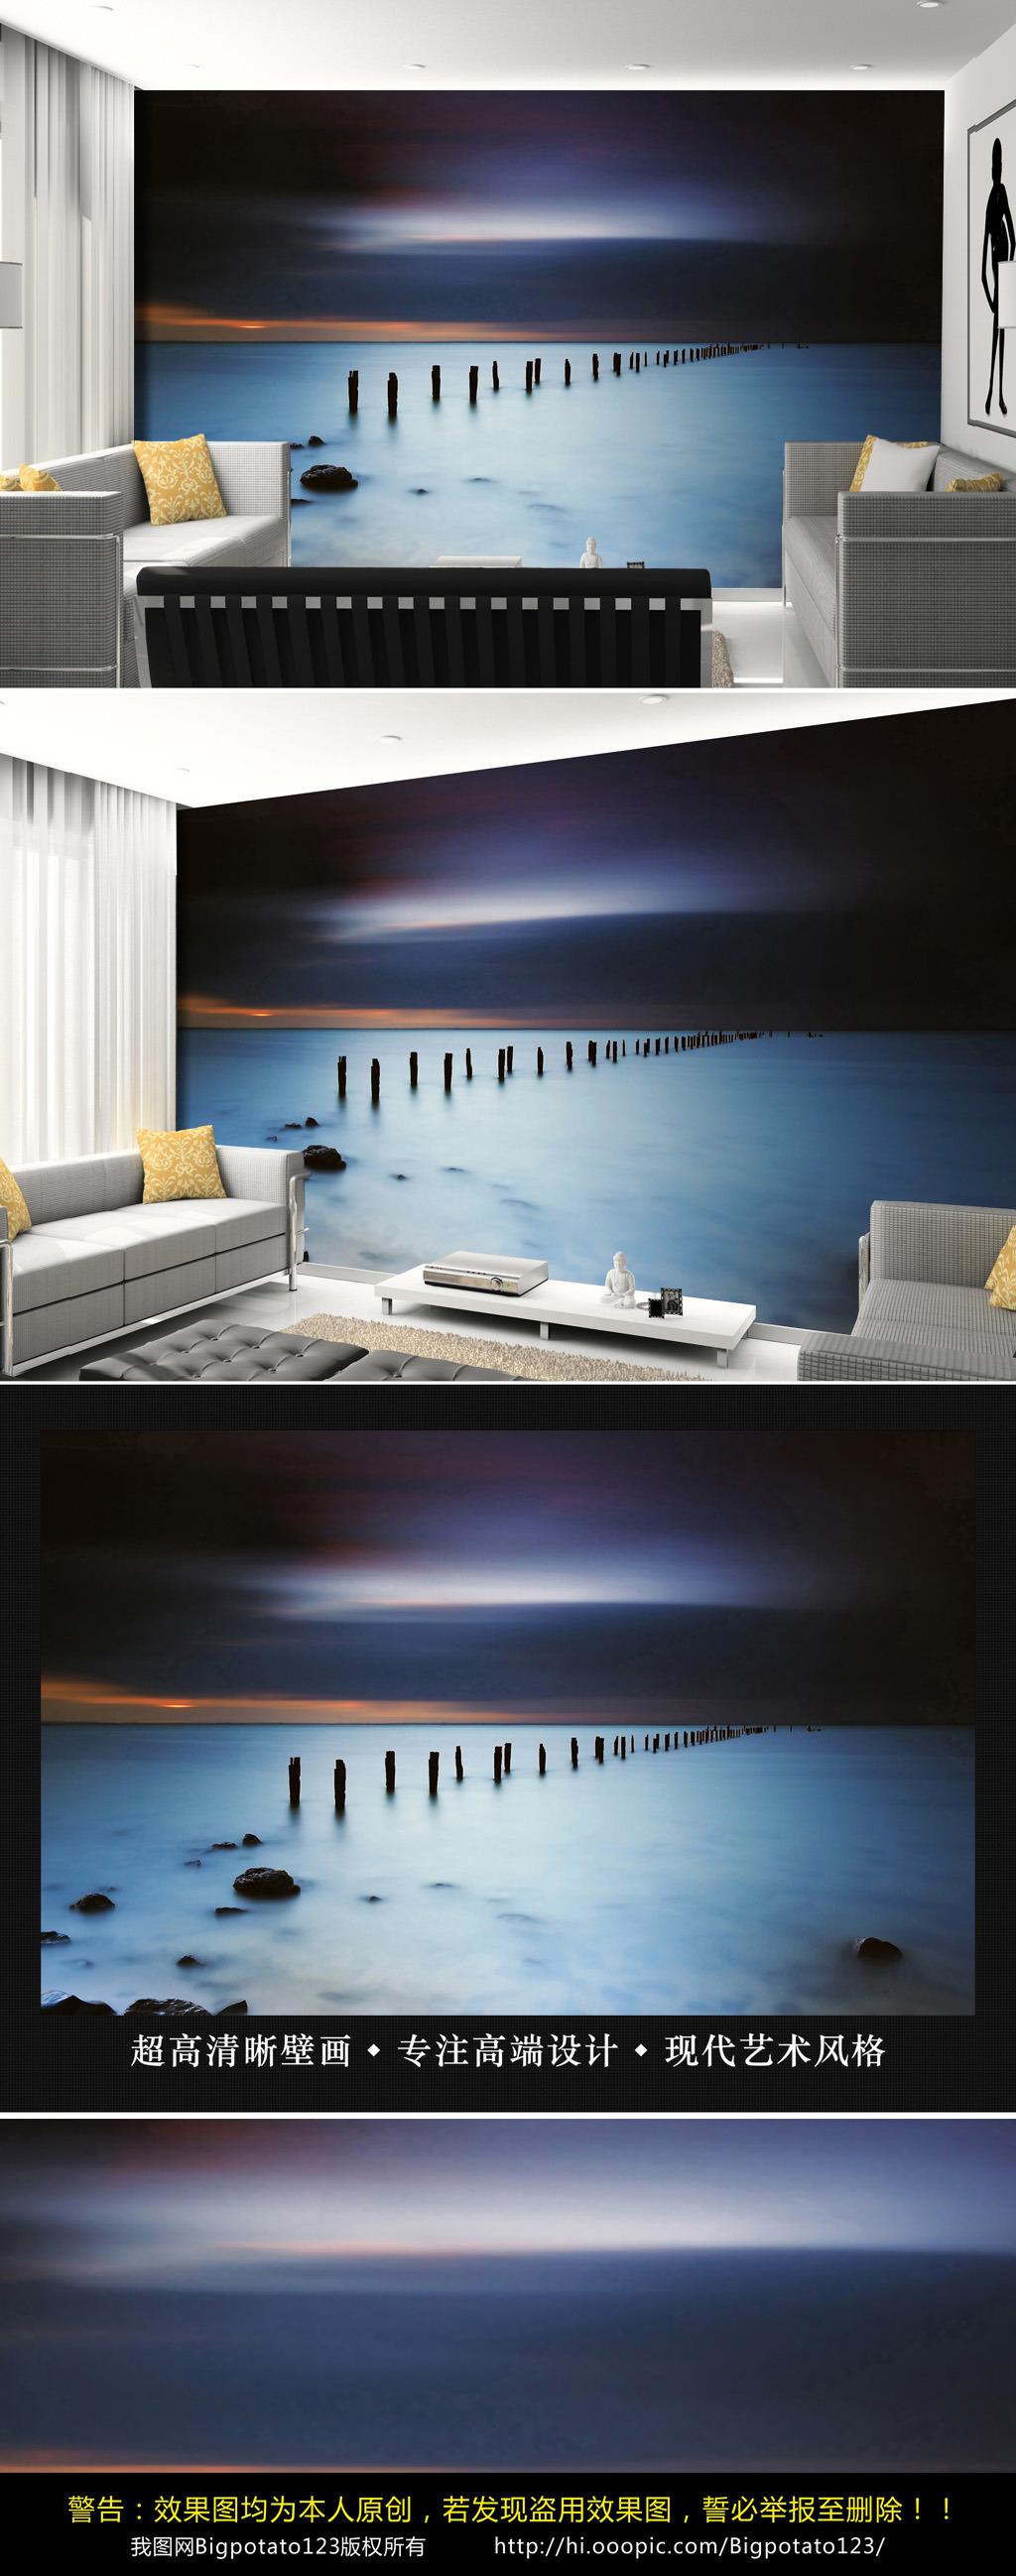 唯美木桩海滩海景摄影电视背景墙